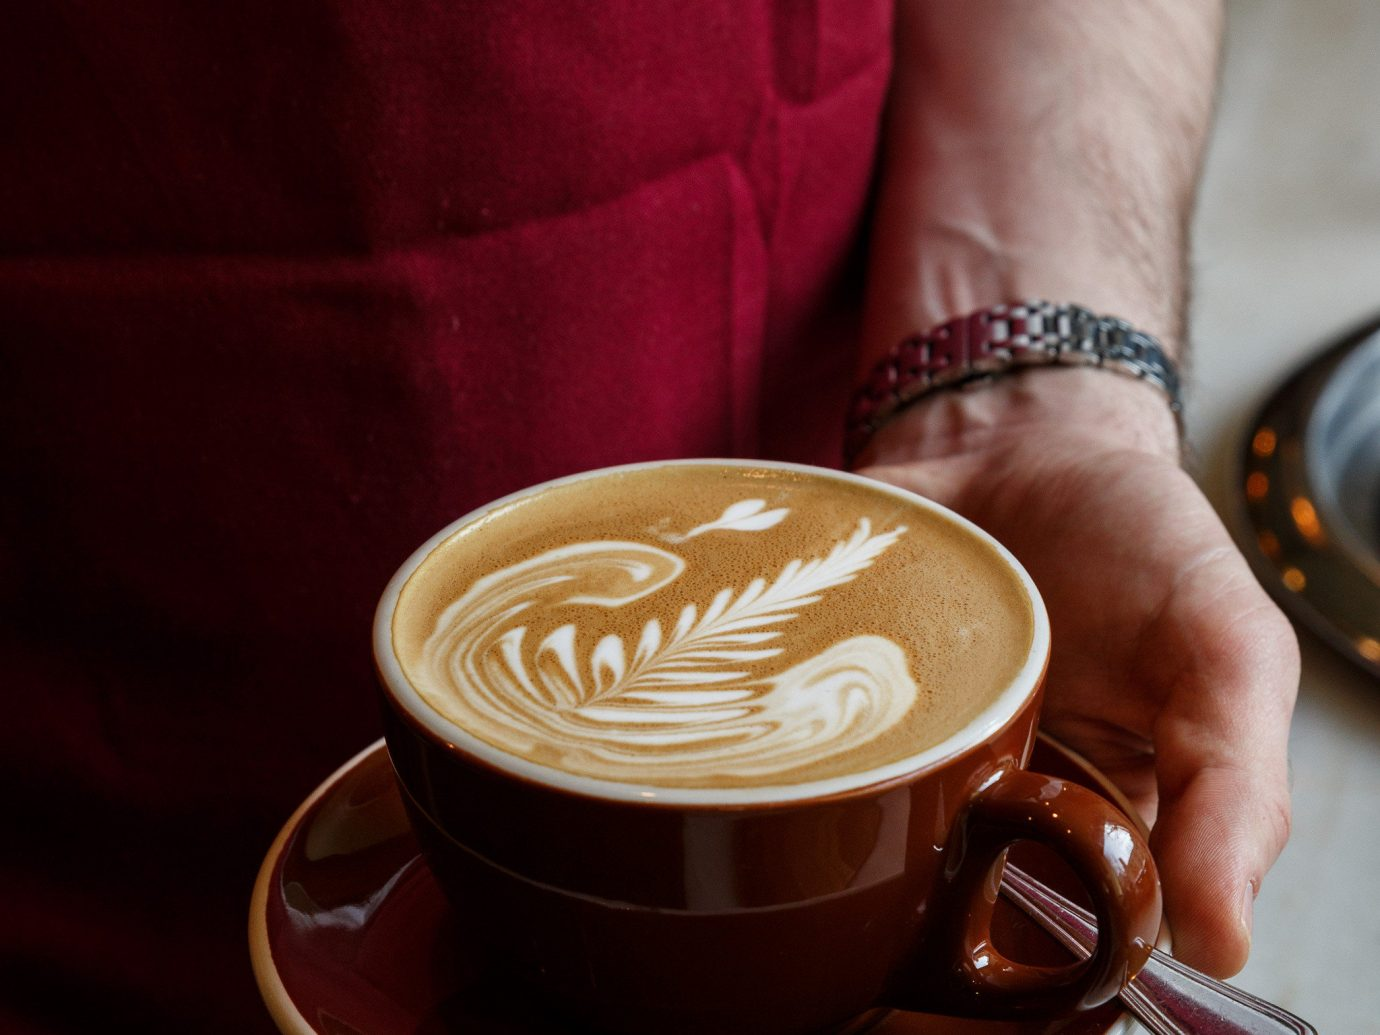 Food + Drink cup indoor coffee Drink person caffeine espresso beverage sense flavor cappuccino